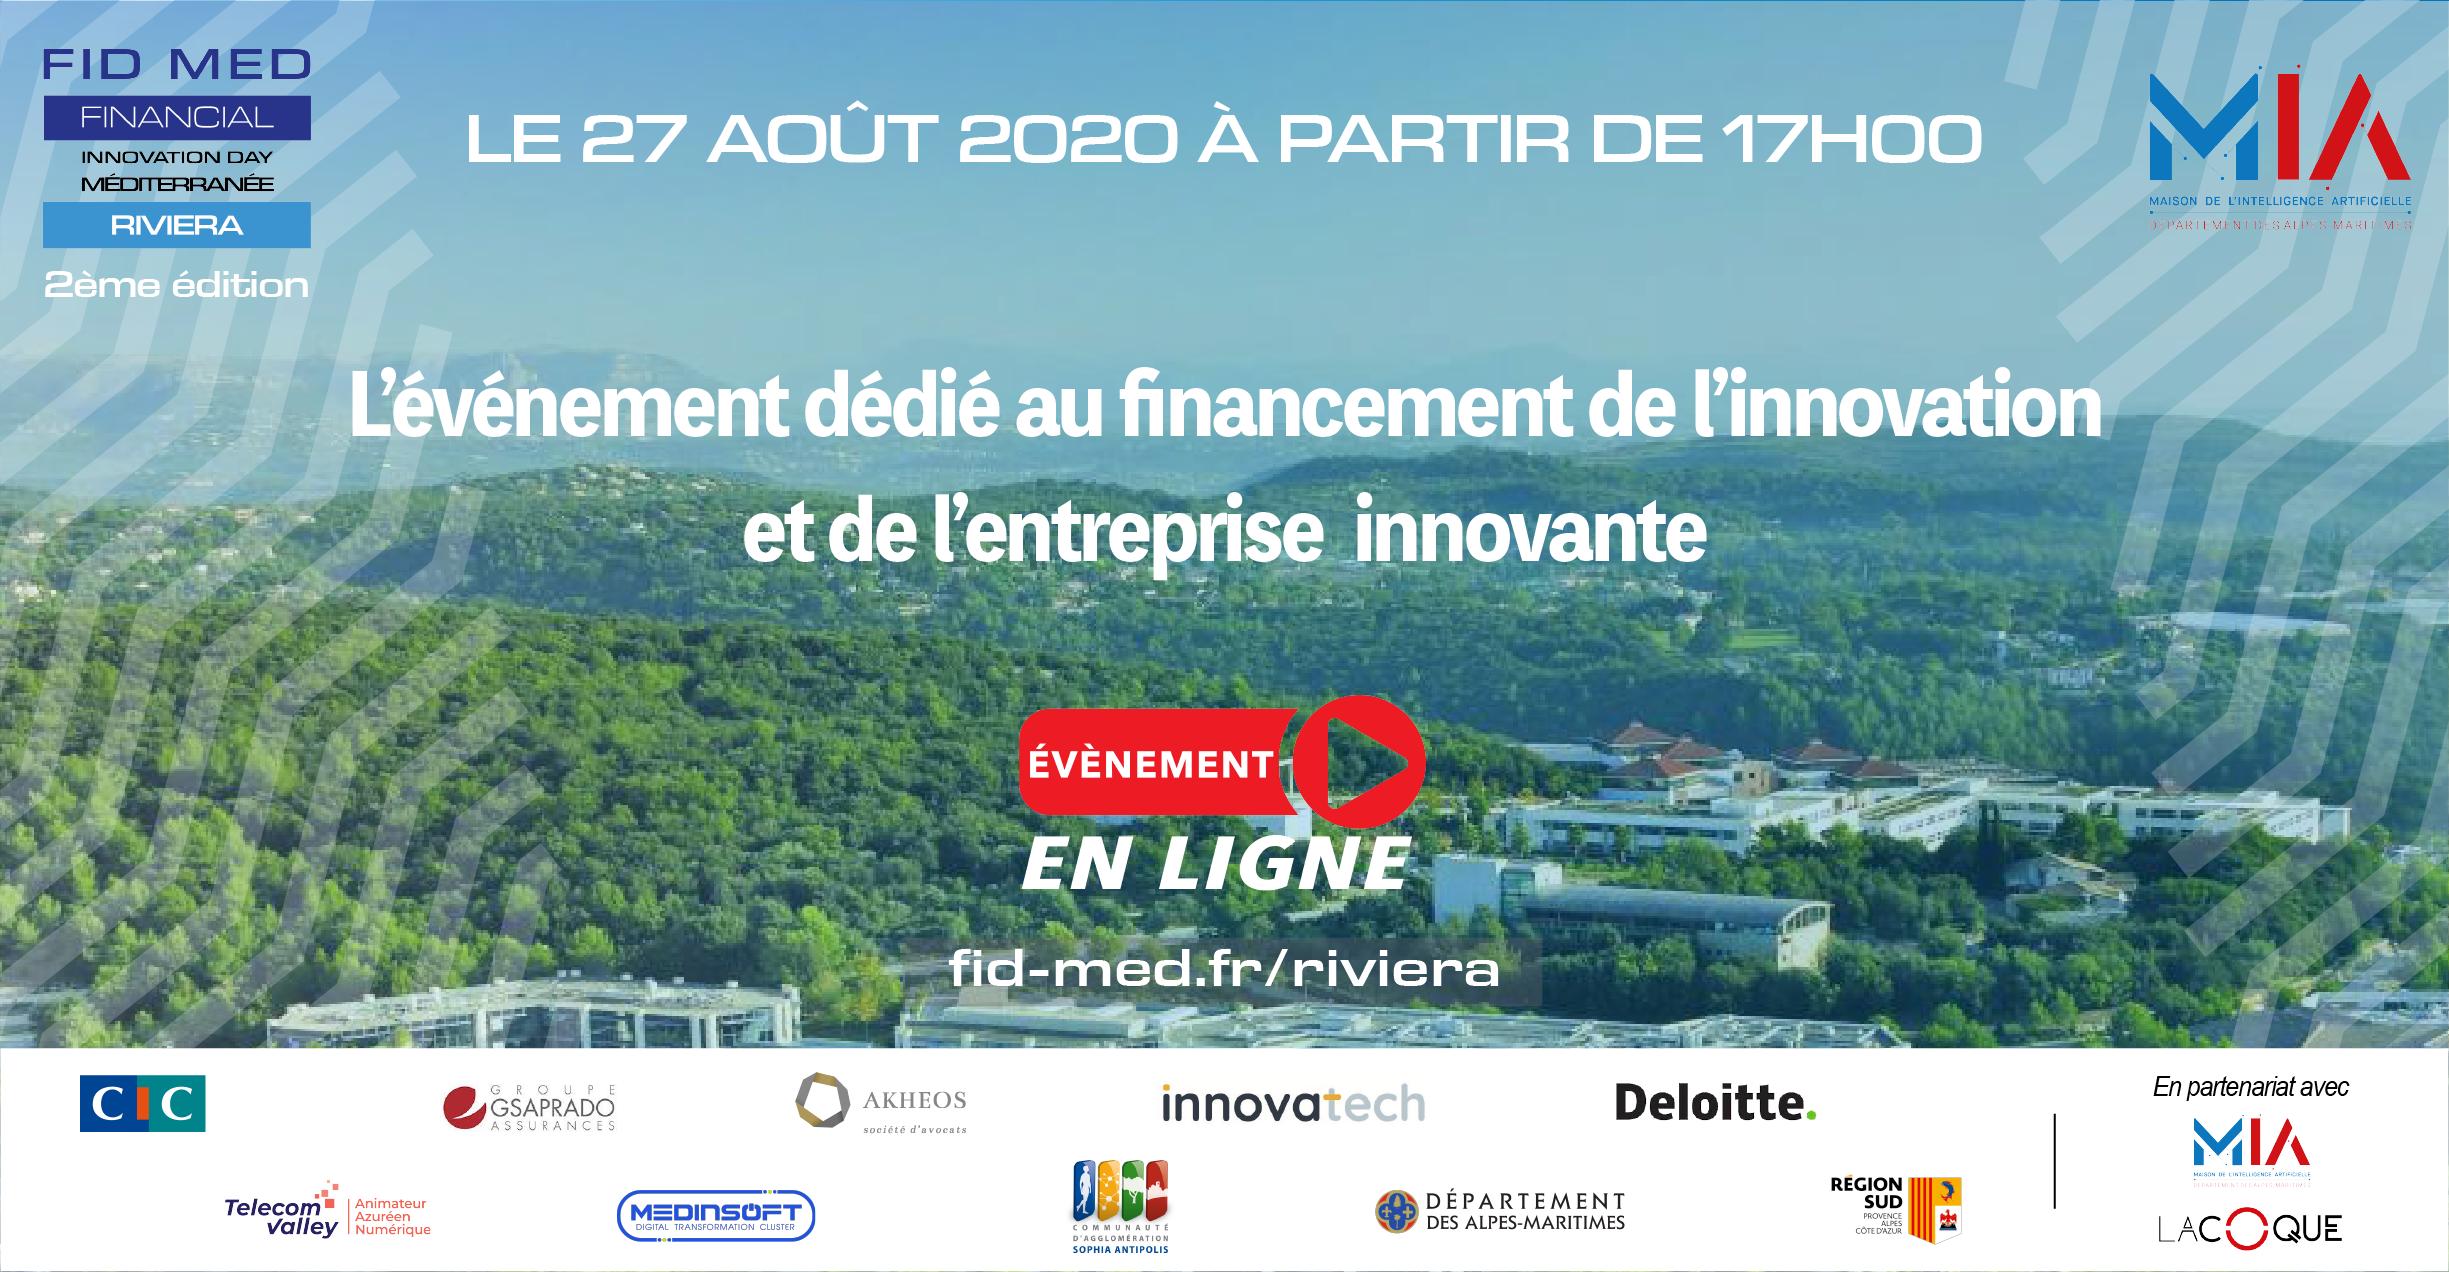 Le FidMed Riviera est la journée dédiée à l'innovation et au financement de l'entreprise innovante ! Rendez-vous le 27 août en ligne